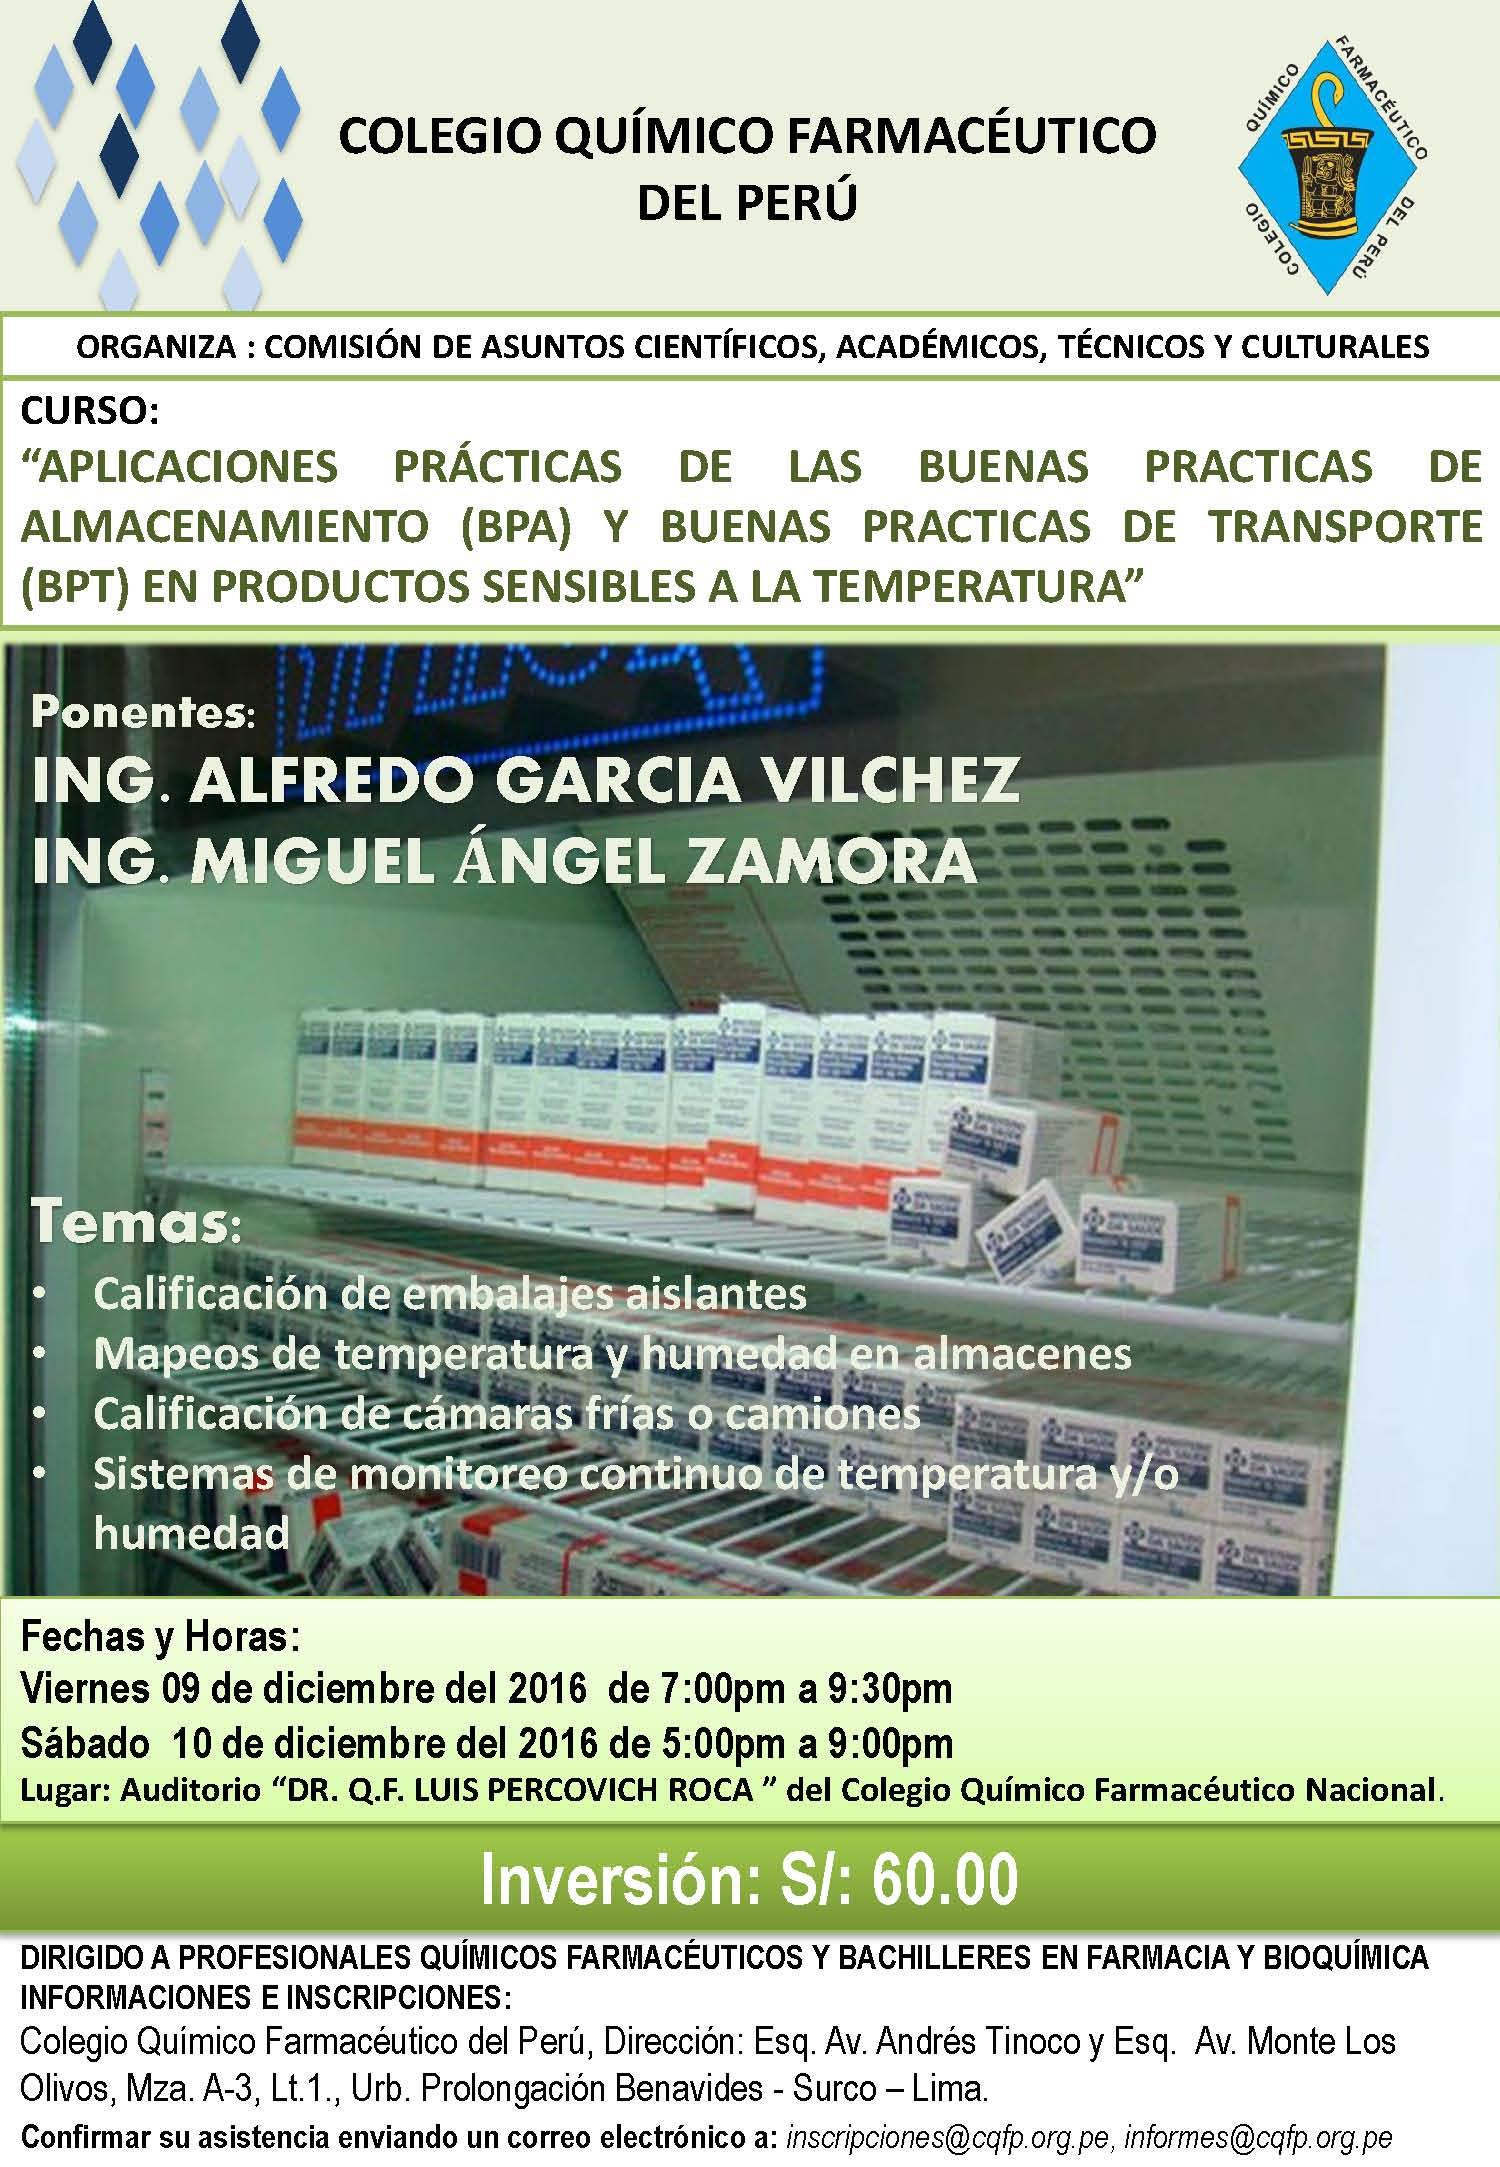 aplicaciones-practicas-bpa-bpdt-2-2